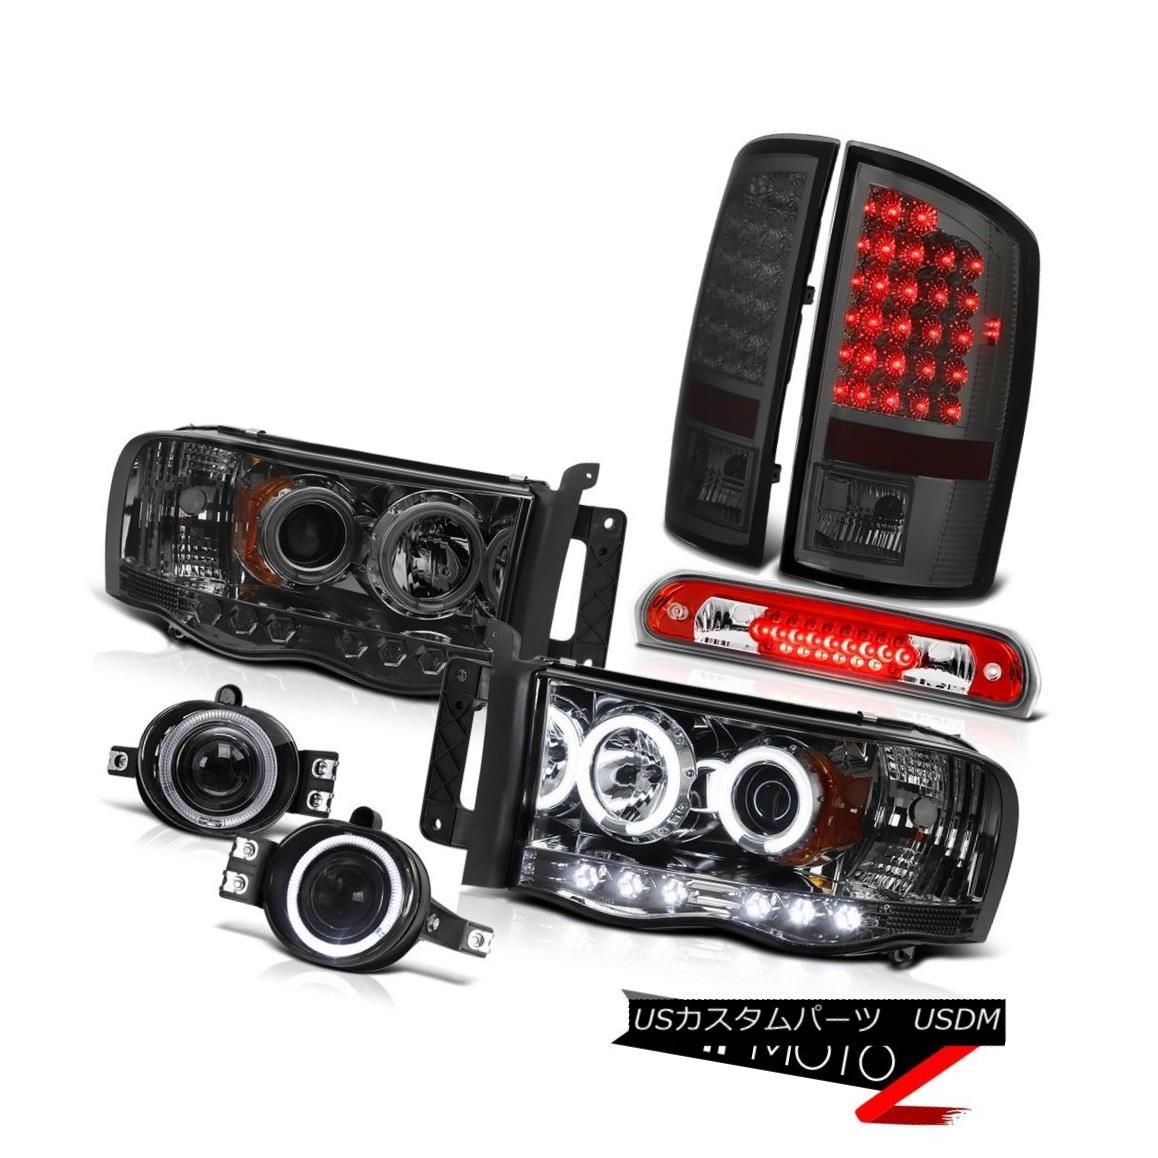 テールライト 2002-2005 Ram DRL Headlight LED Tail Lights Projector Foglights Roof Brake 2002-2005ラムDRLヘッドライトLEDテールライトプロジェクターフォグライトルーフブレーキ